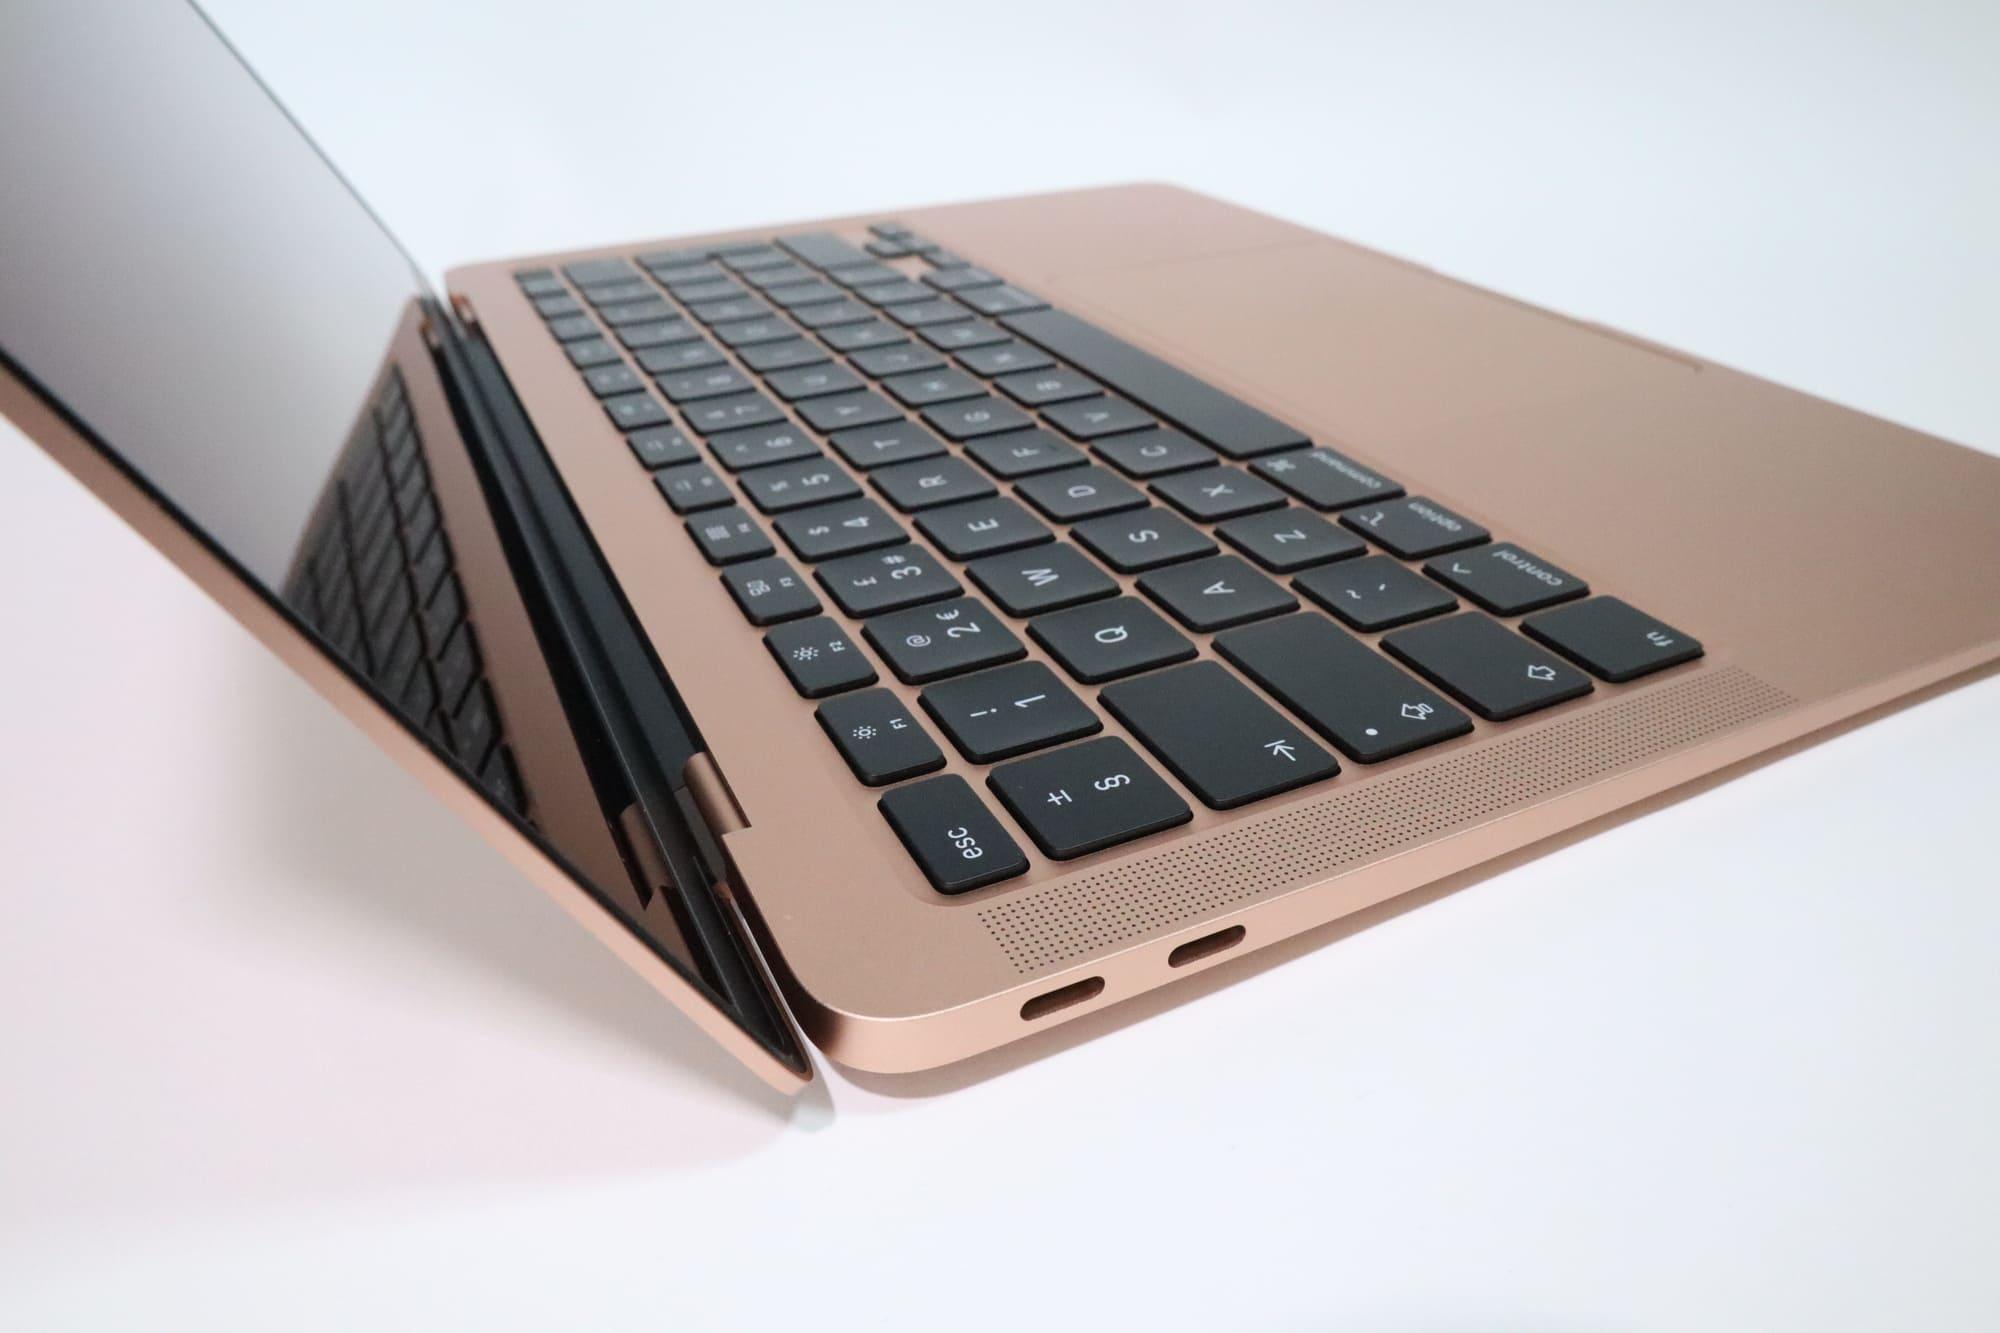 MacBook Air 2020のUSB-Cポート